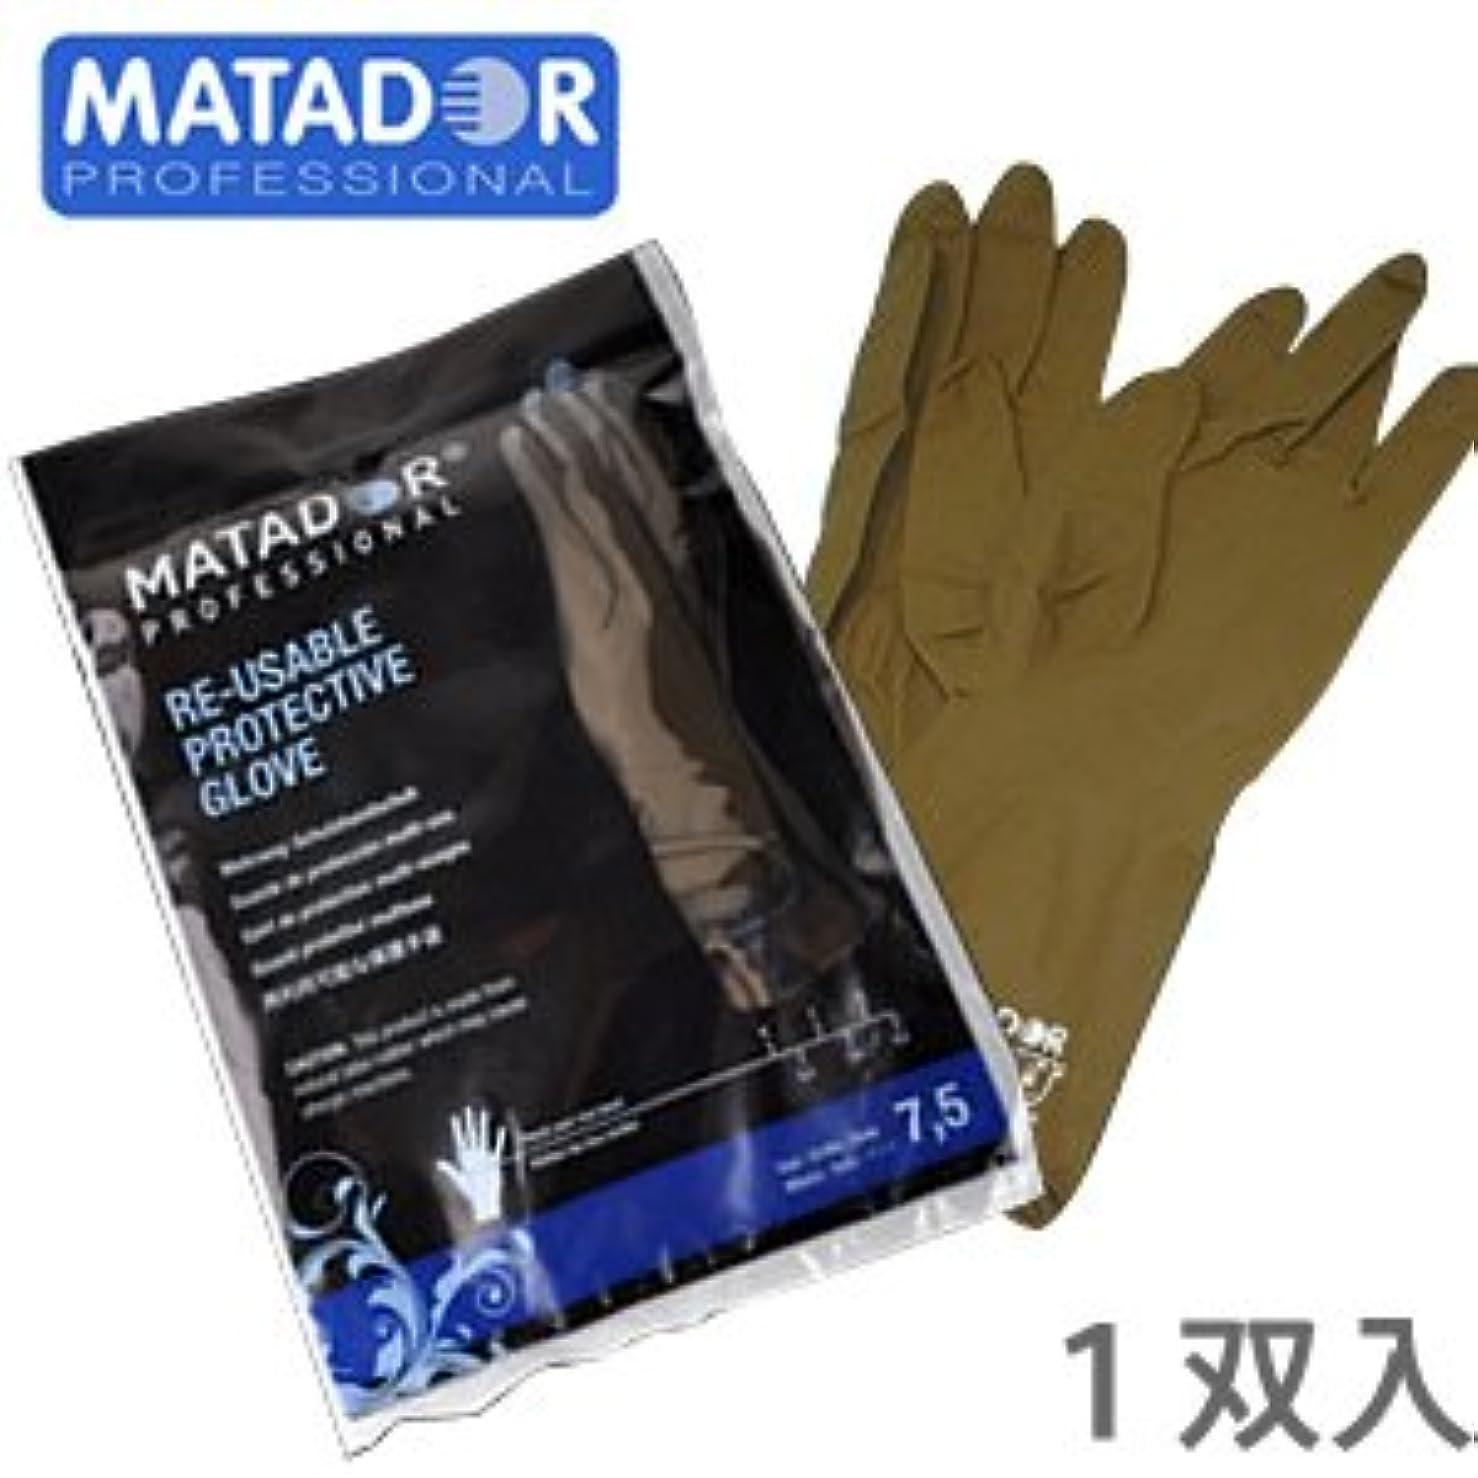 配置スタンド復活マタドールゴム手袋 7.5吋 【10個セット】